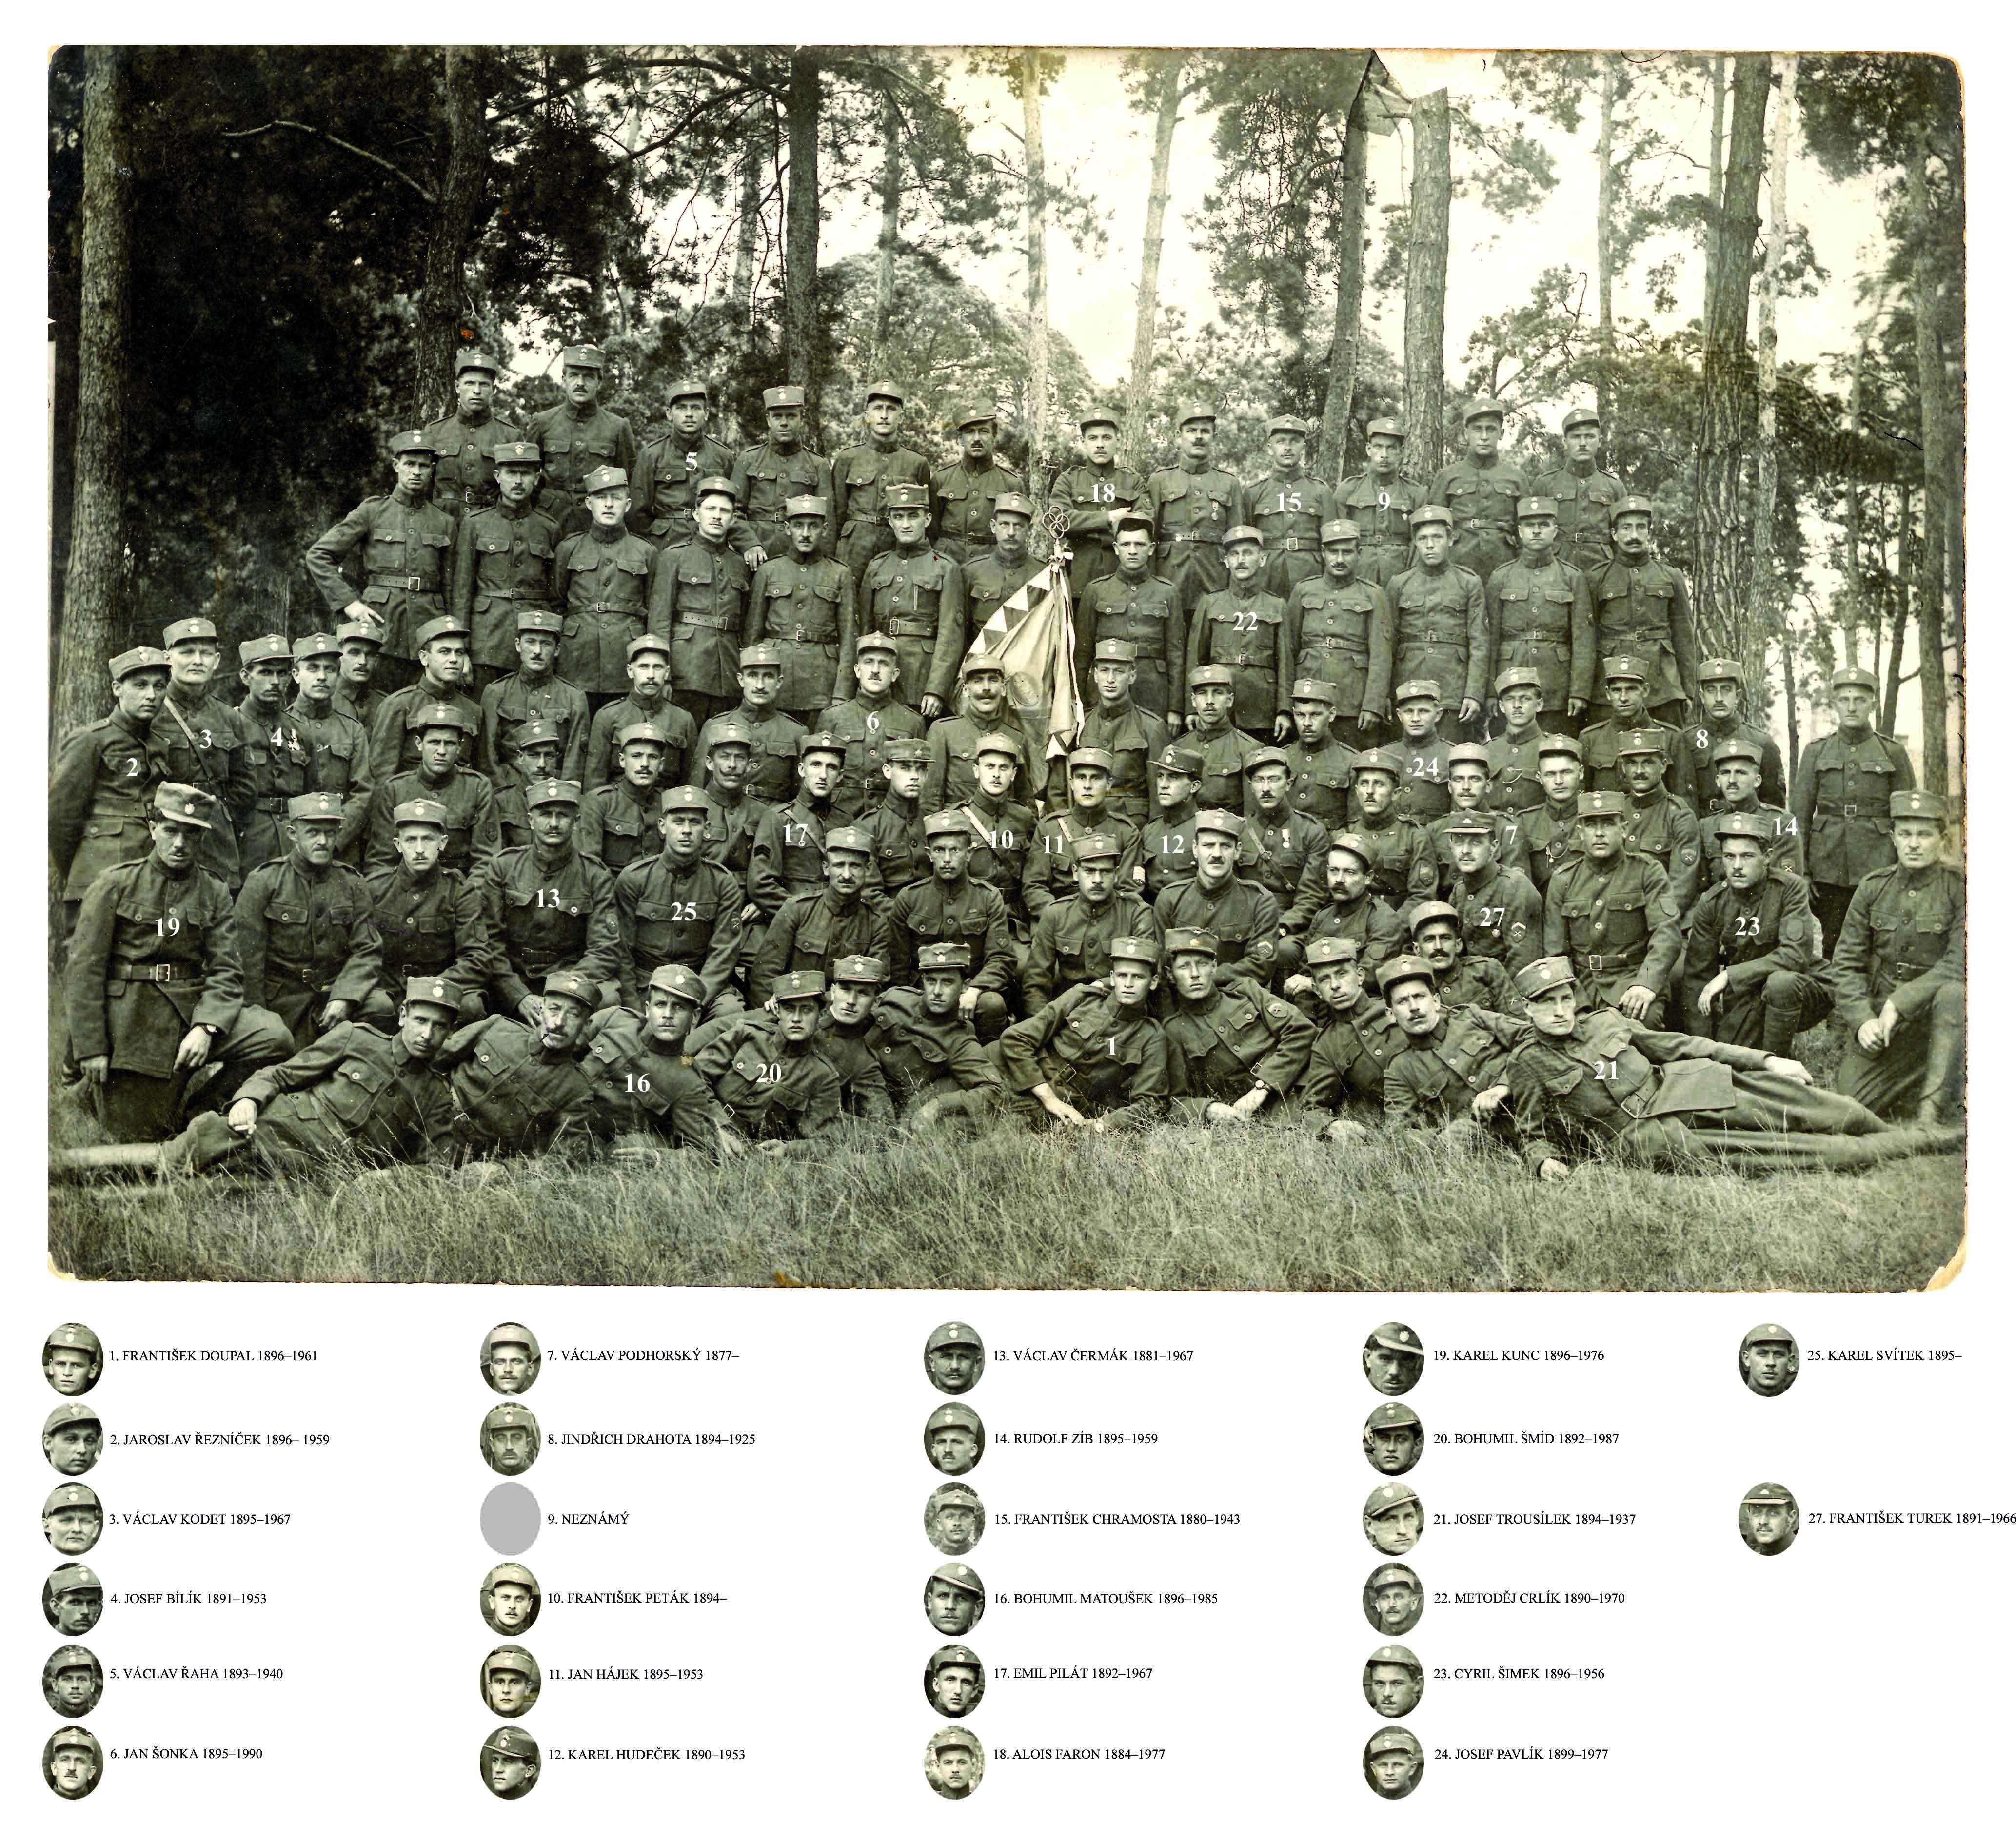 Zatím identifikovaní legionáři z fotky u vlaku Orlík